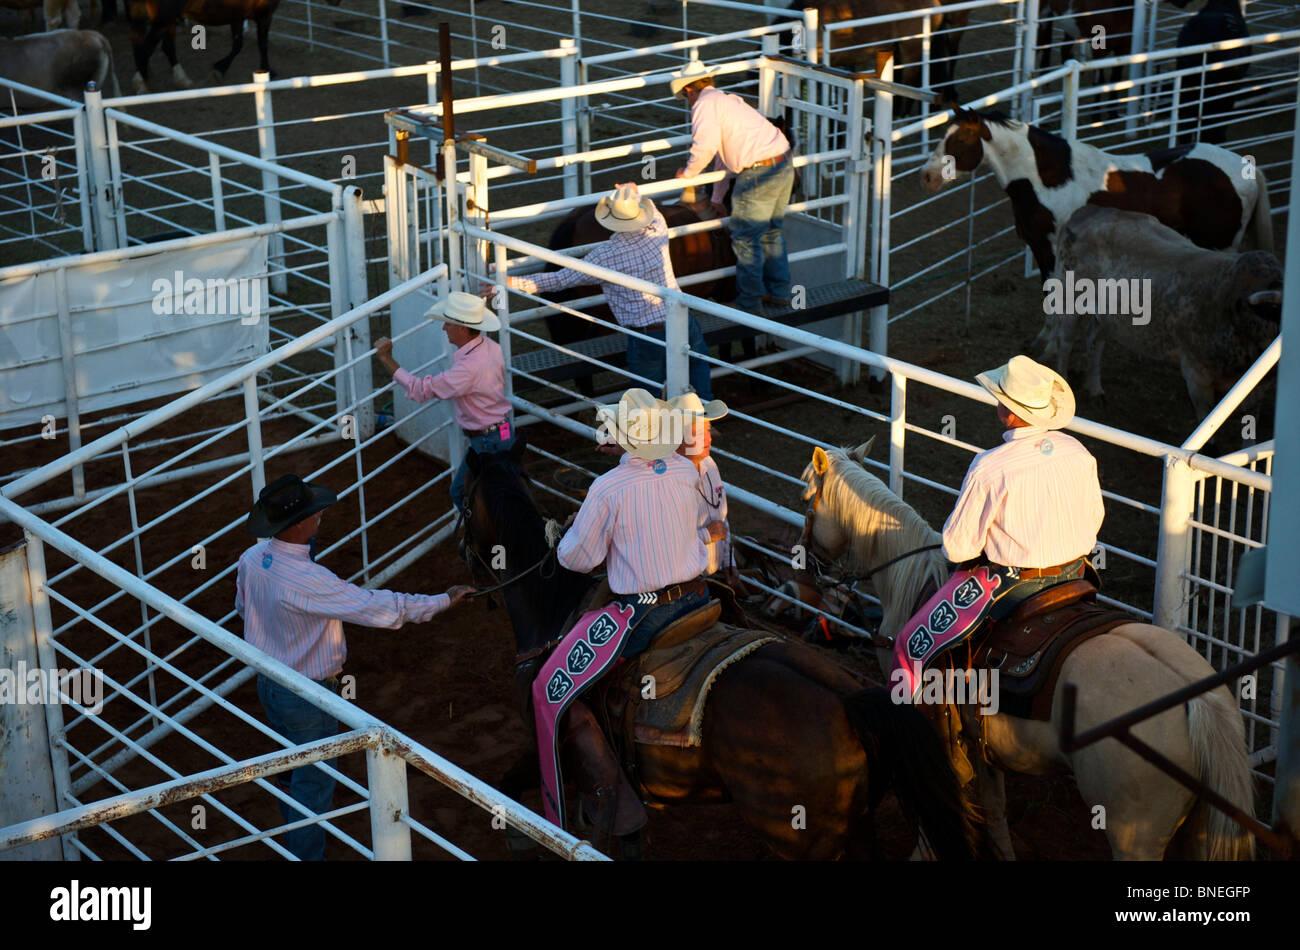 Les membres de l'érythroblastopénie Rodeo Cowboys backstage rodeo pour préparer à l'événement Petite-ville à Bridgeport, Connecticut, USA Banque D'Images